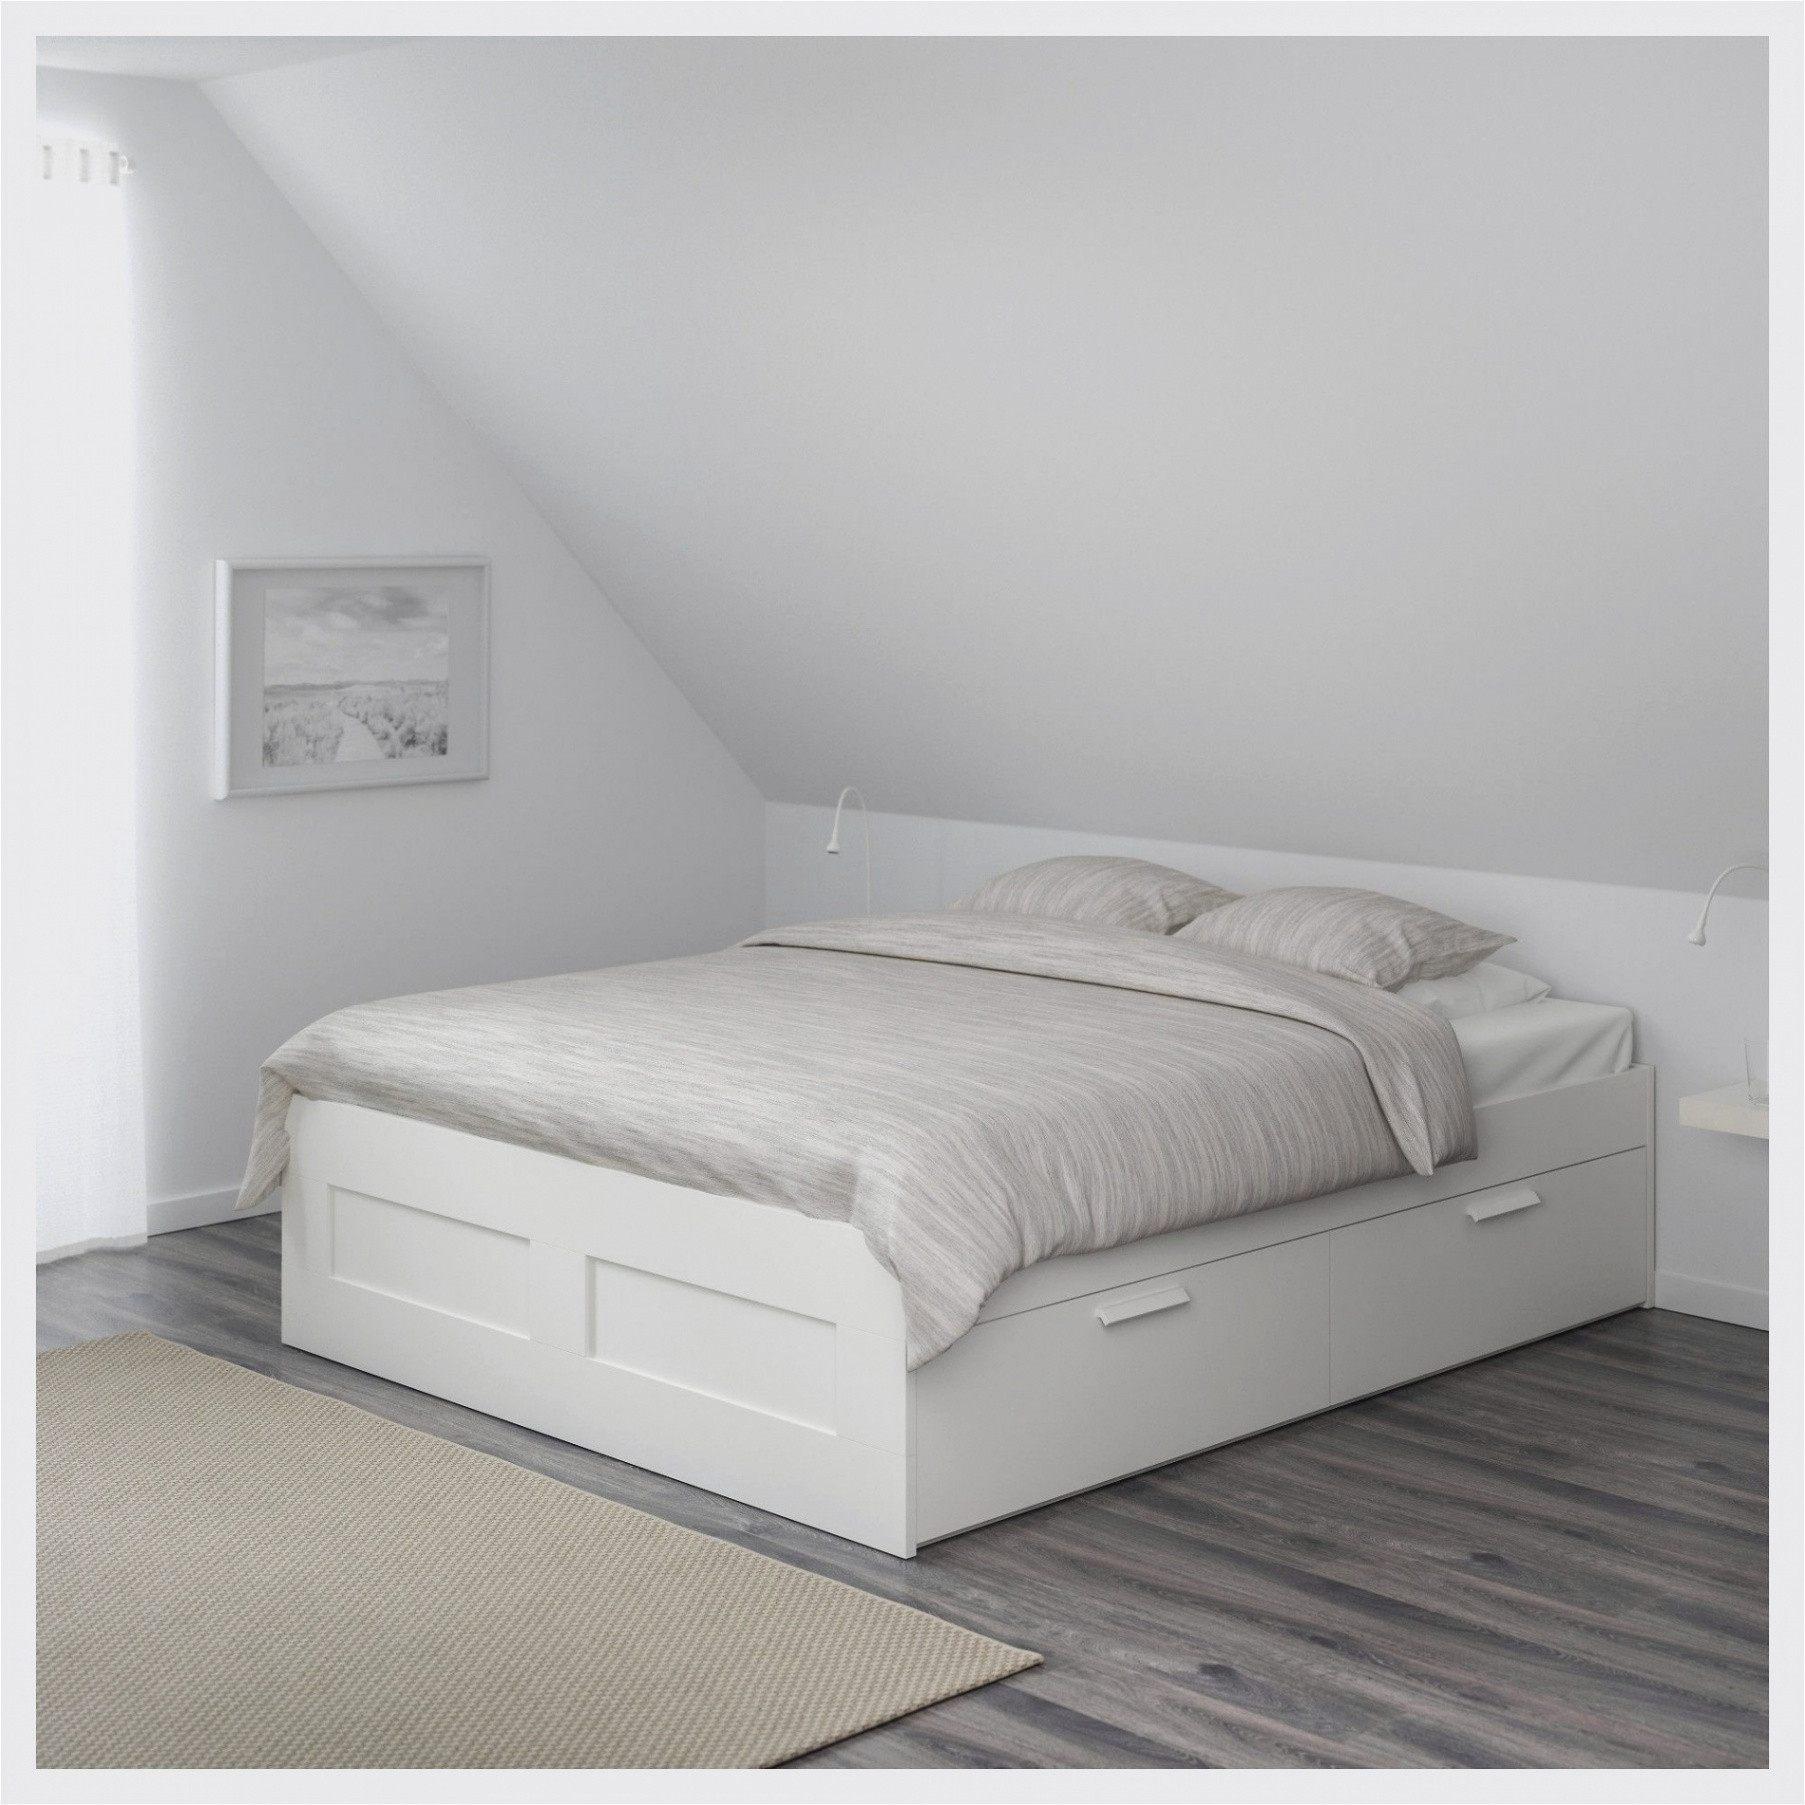 Tete De Lit 90×190 Meilleur De Tete De Lit Baroque 180 Tete De Lit Ikea 180 Fauteuil Salon Ikea